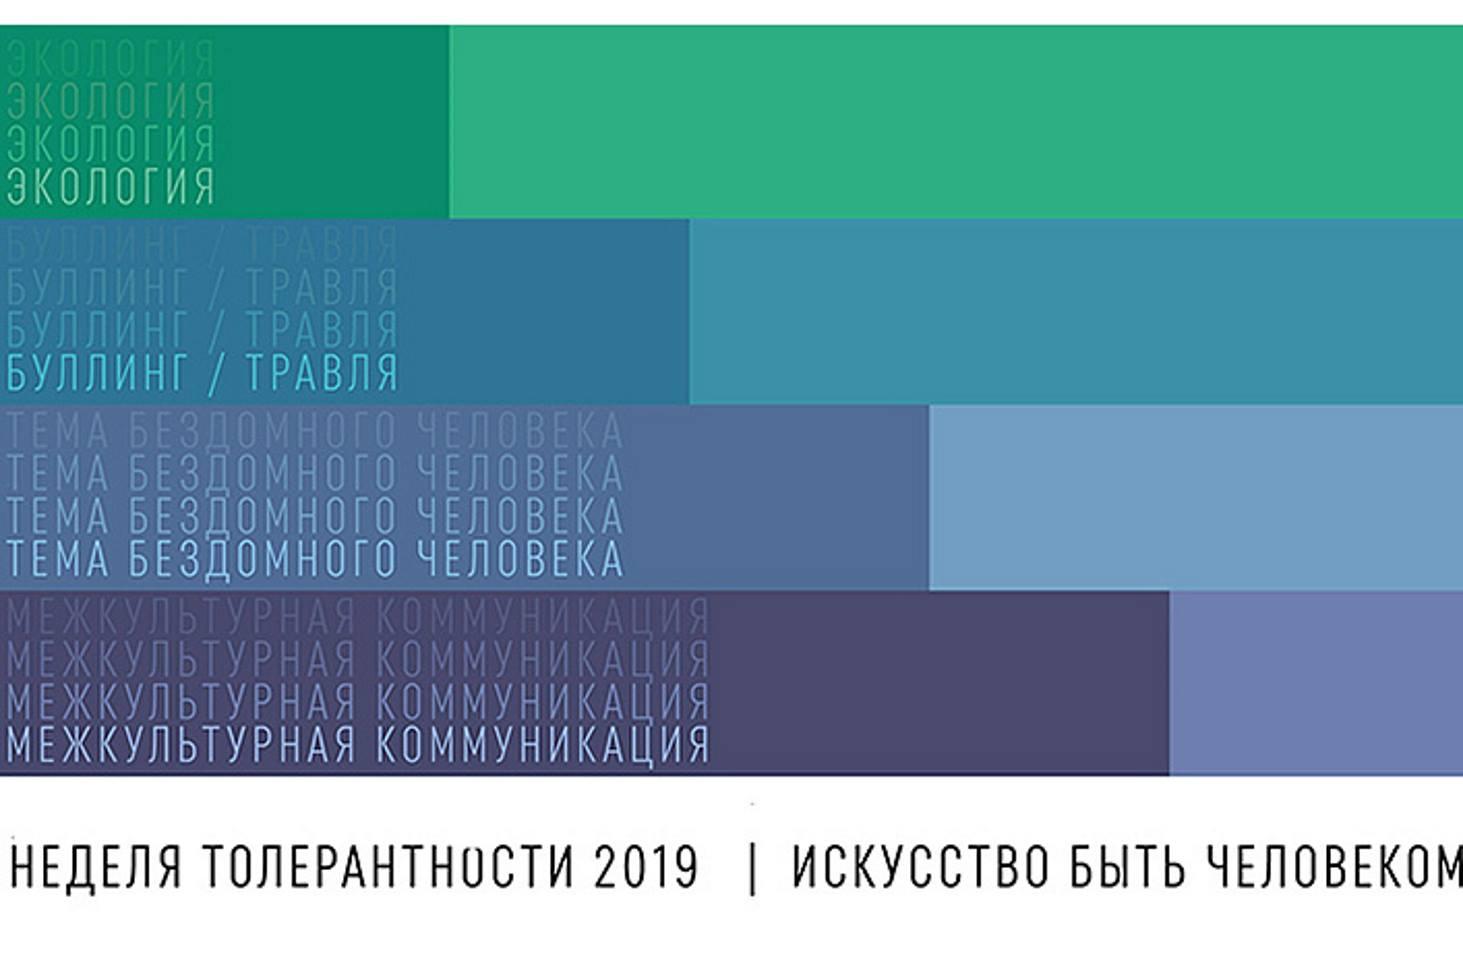 v-moskve-s-11-noyabrya-startuet-nedelya-tolerantnosti-2019